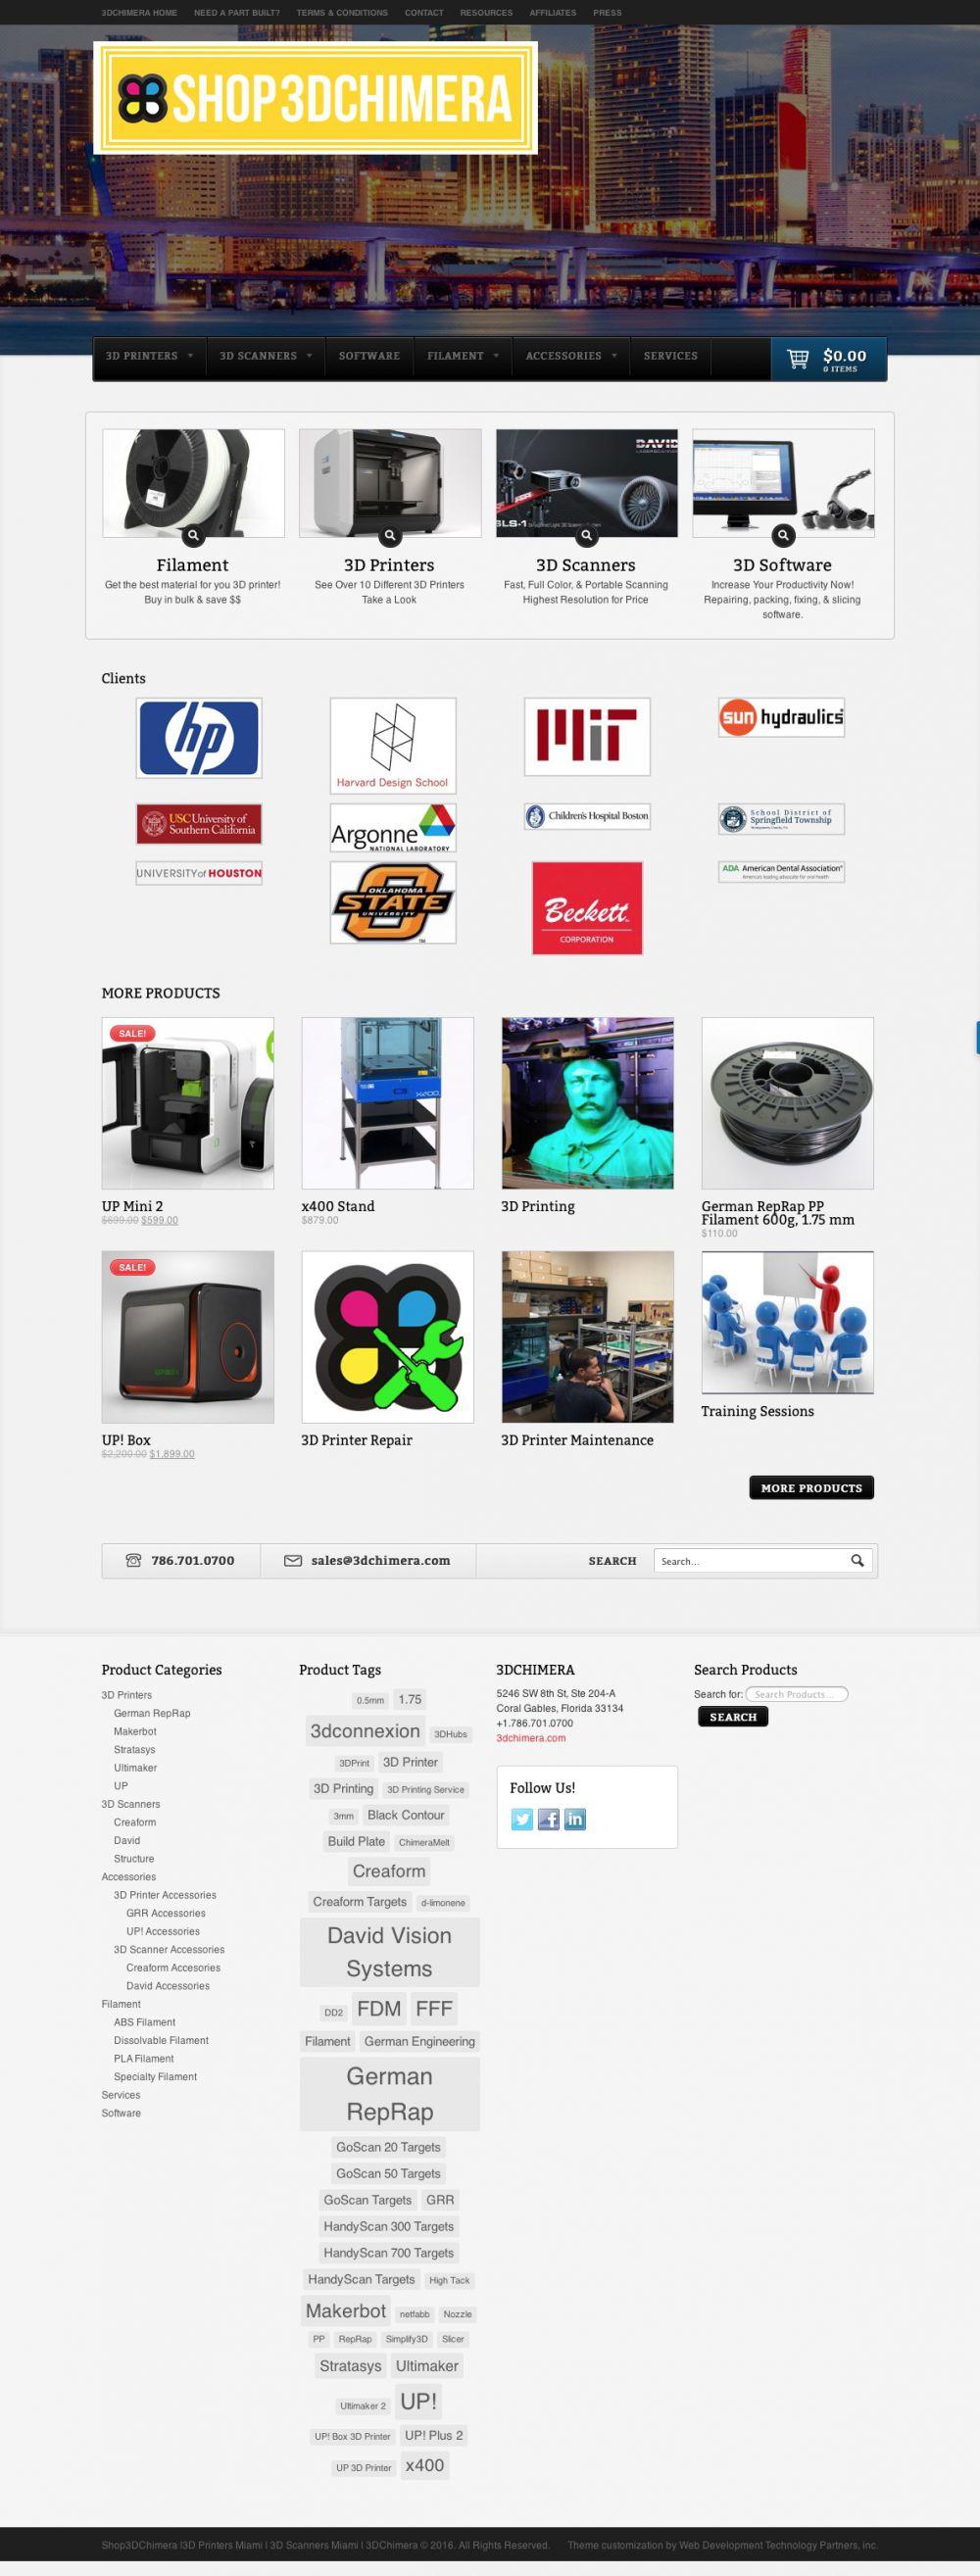 Shop3DChimera.com